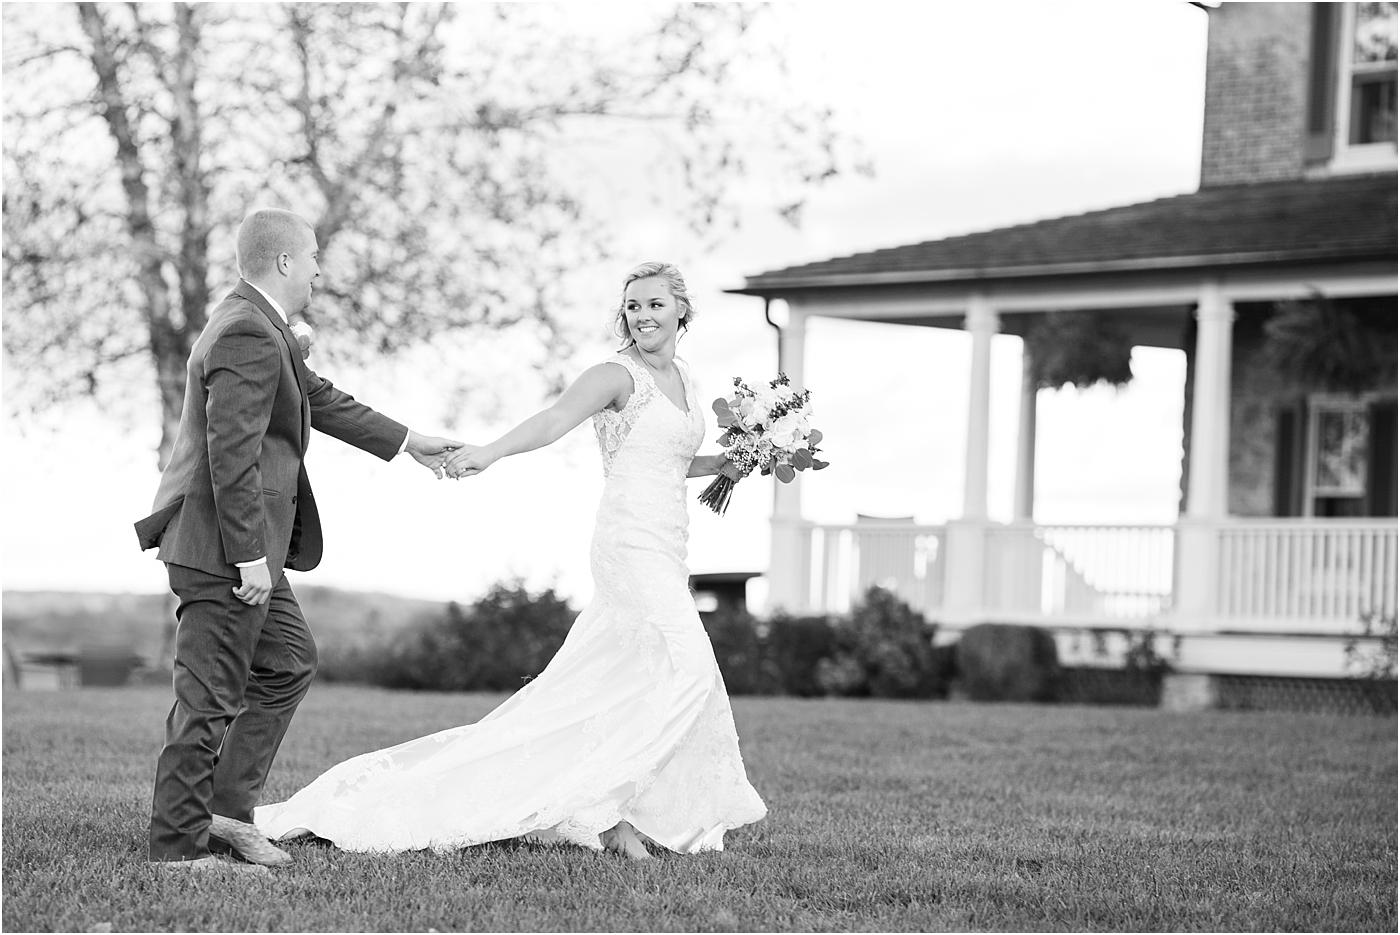 Walkers-Overlook-Wedding-96.jpg